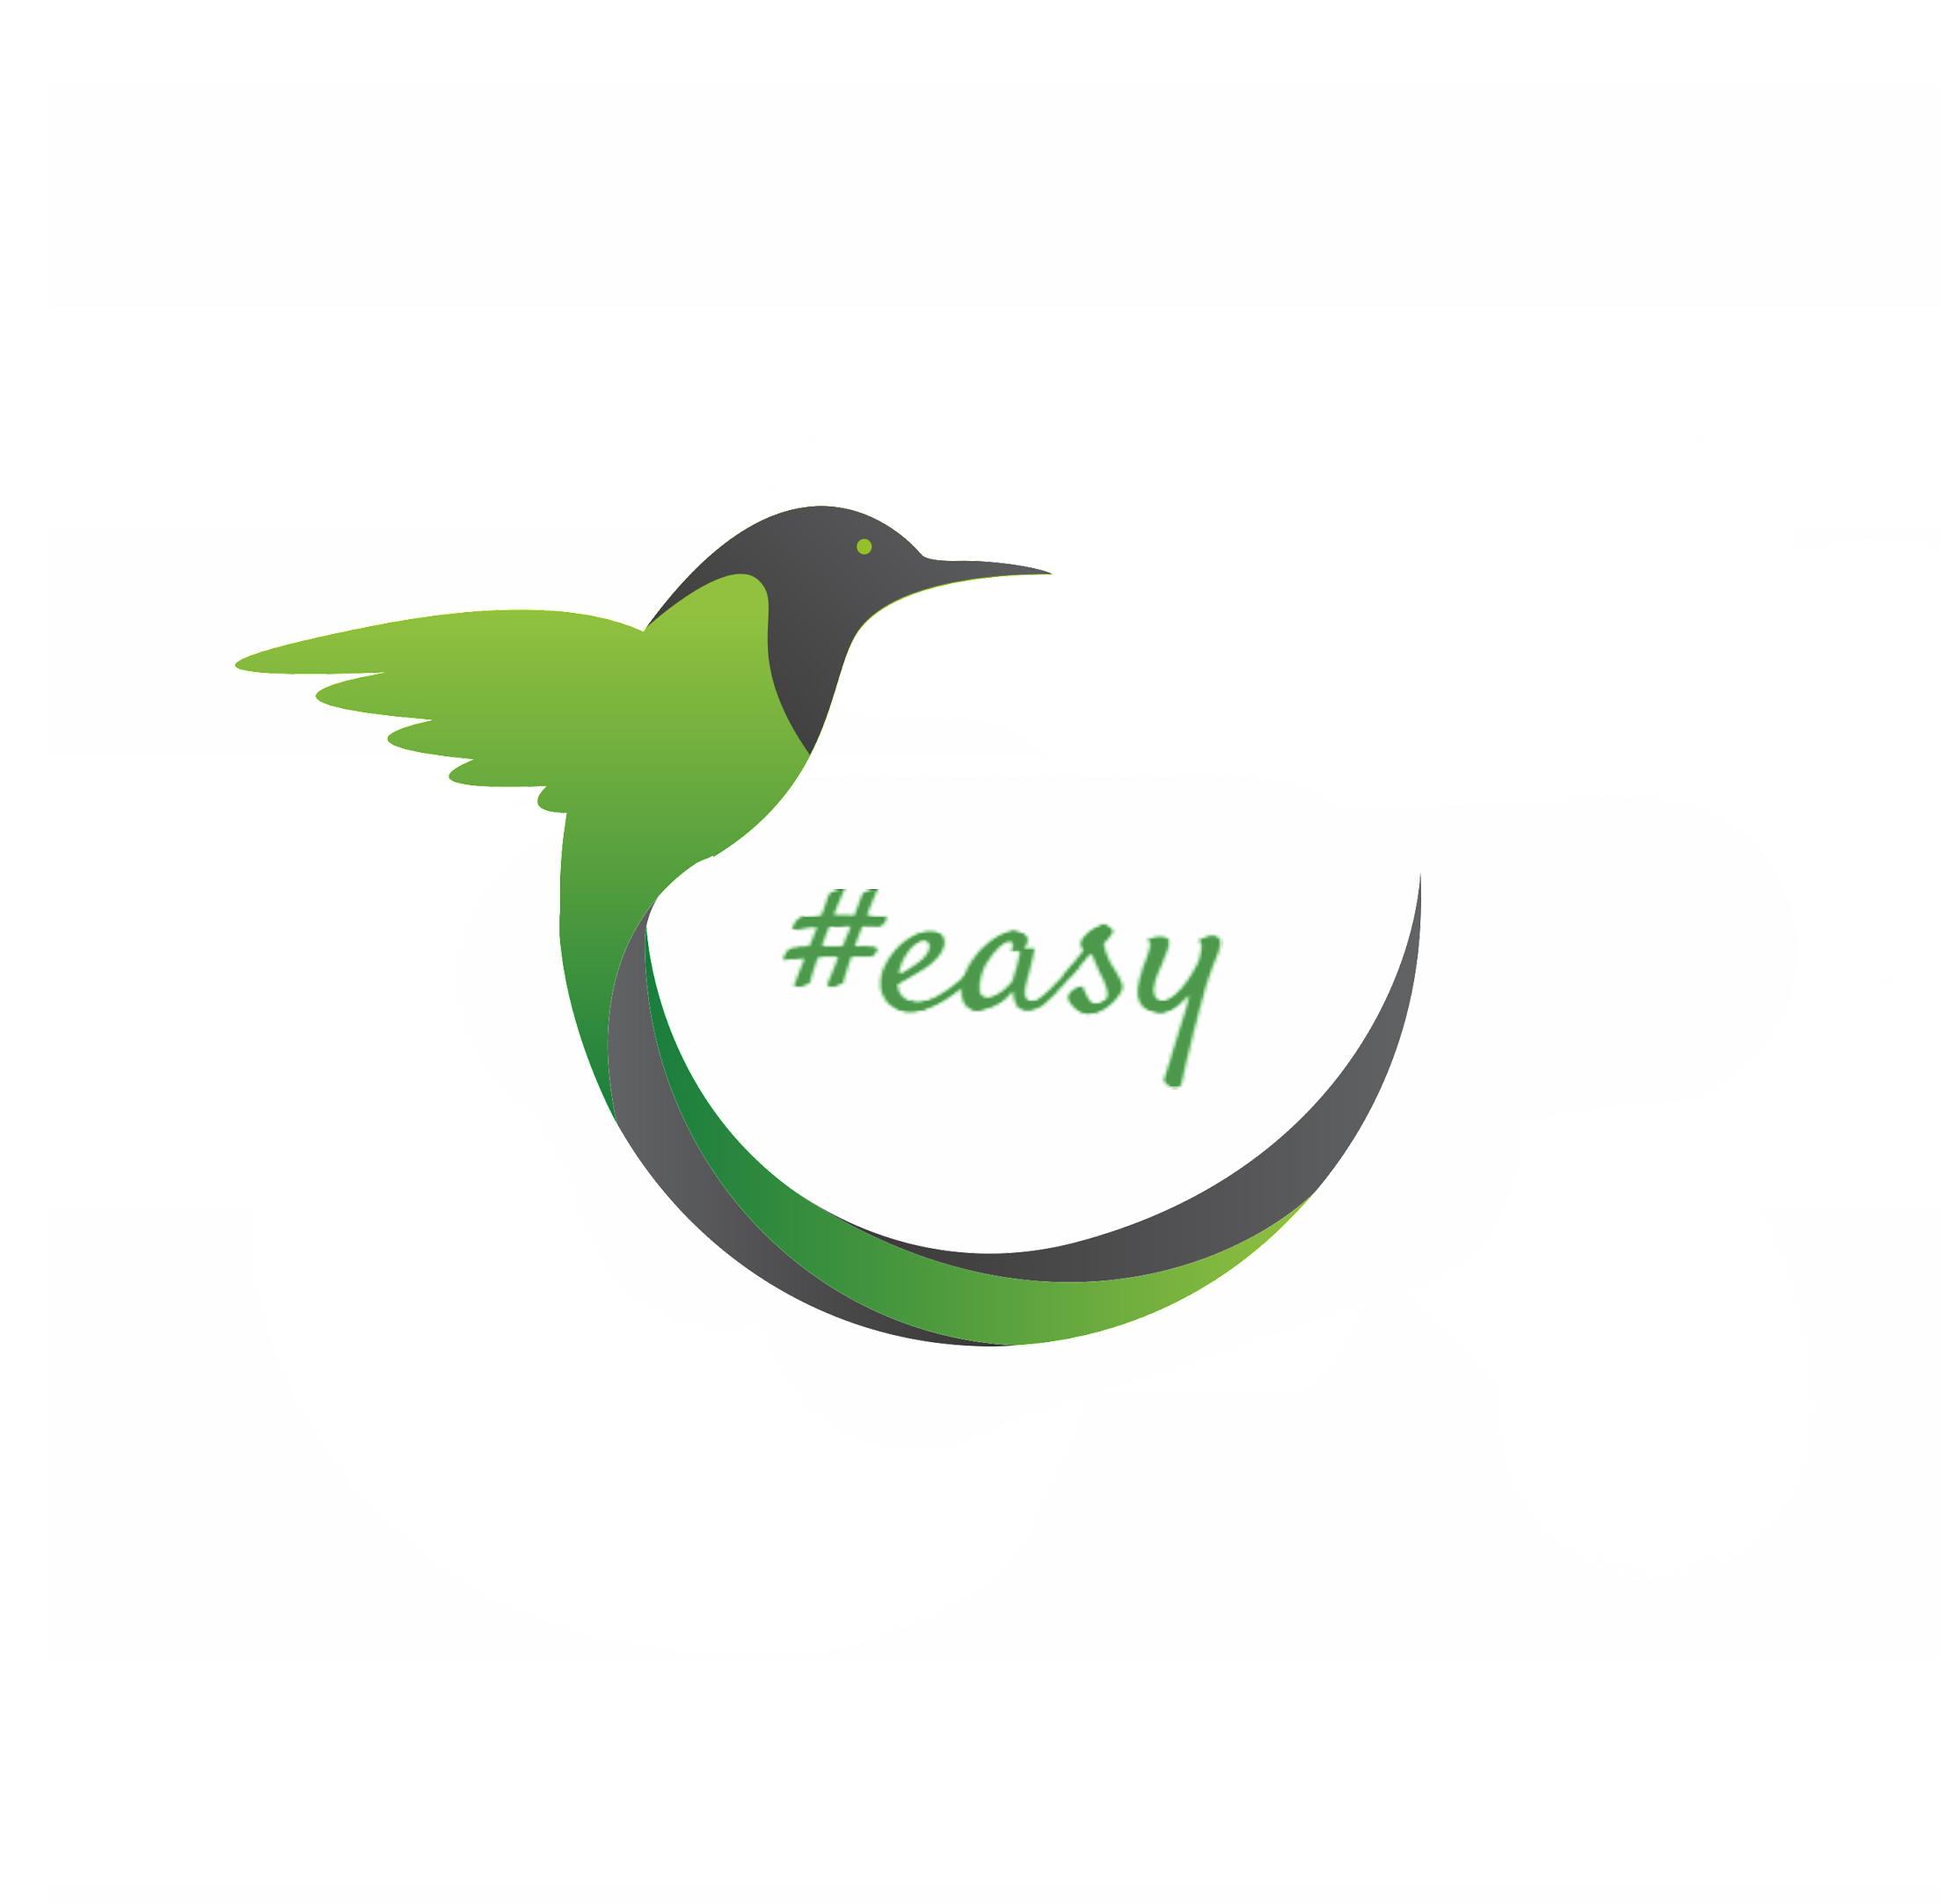 Разработка логотипа в виде хэштега #easy с зеленой колибри  фото f_4575d4e7f792d1a6.jpg